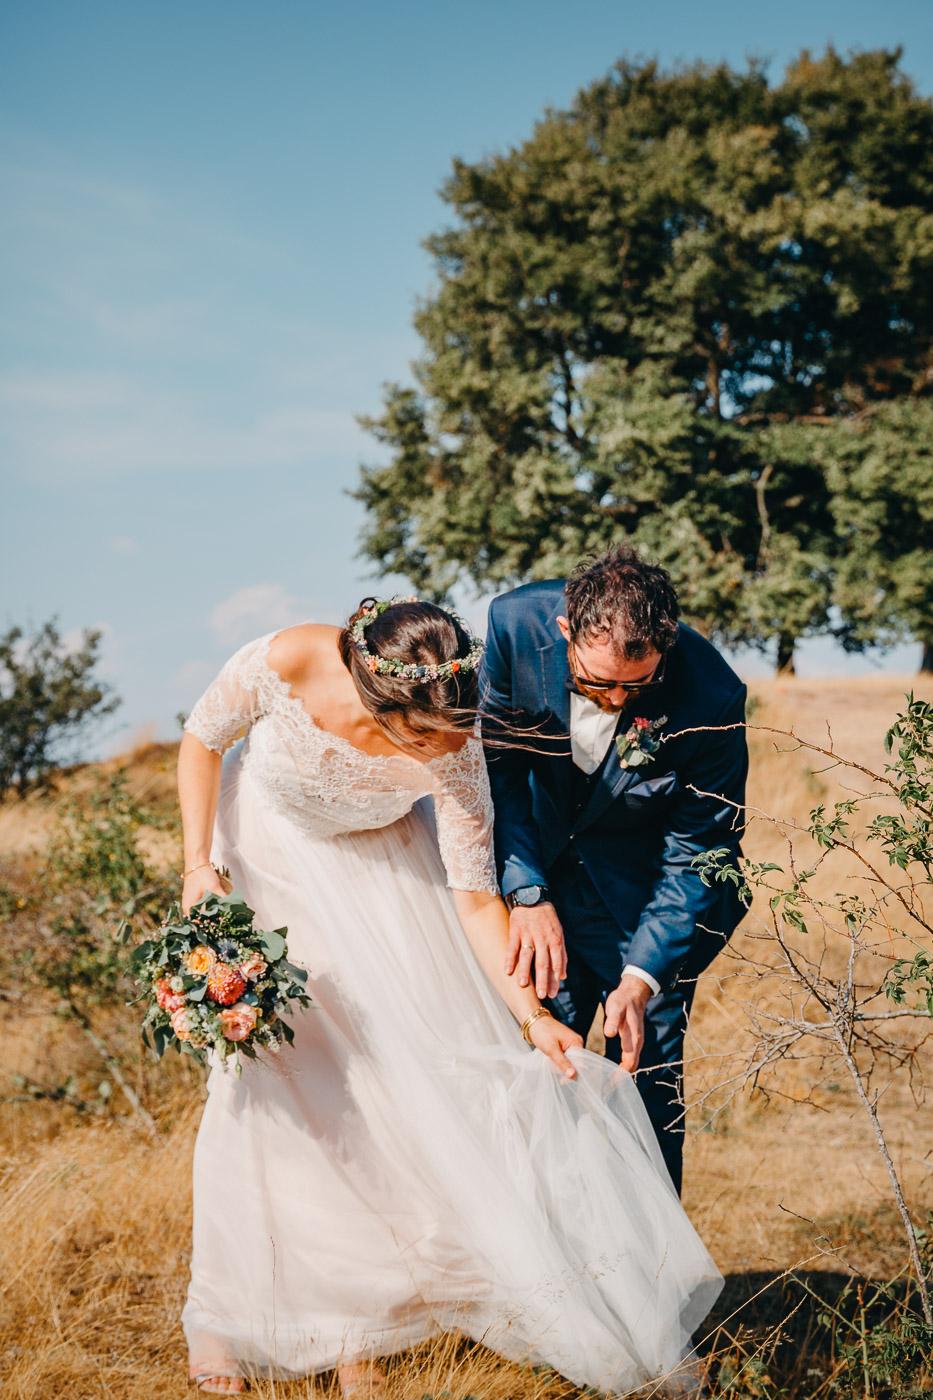 ZIBART.DE - wedding - lowq - 2018.08.04 - 2888.JPG